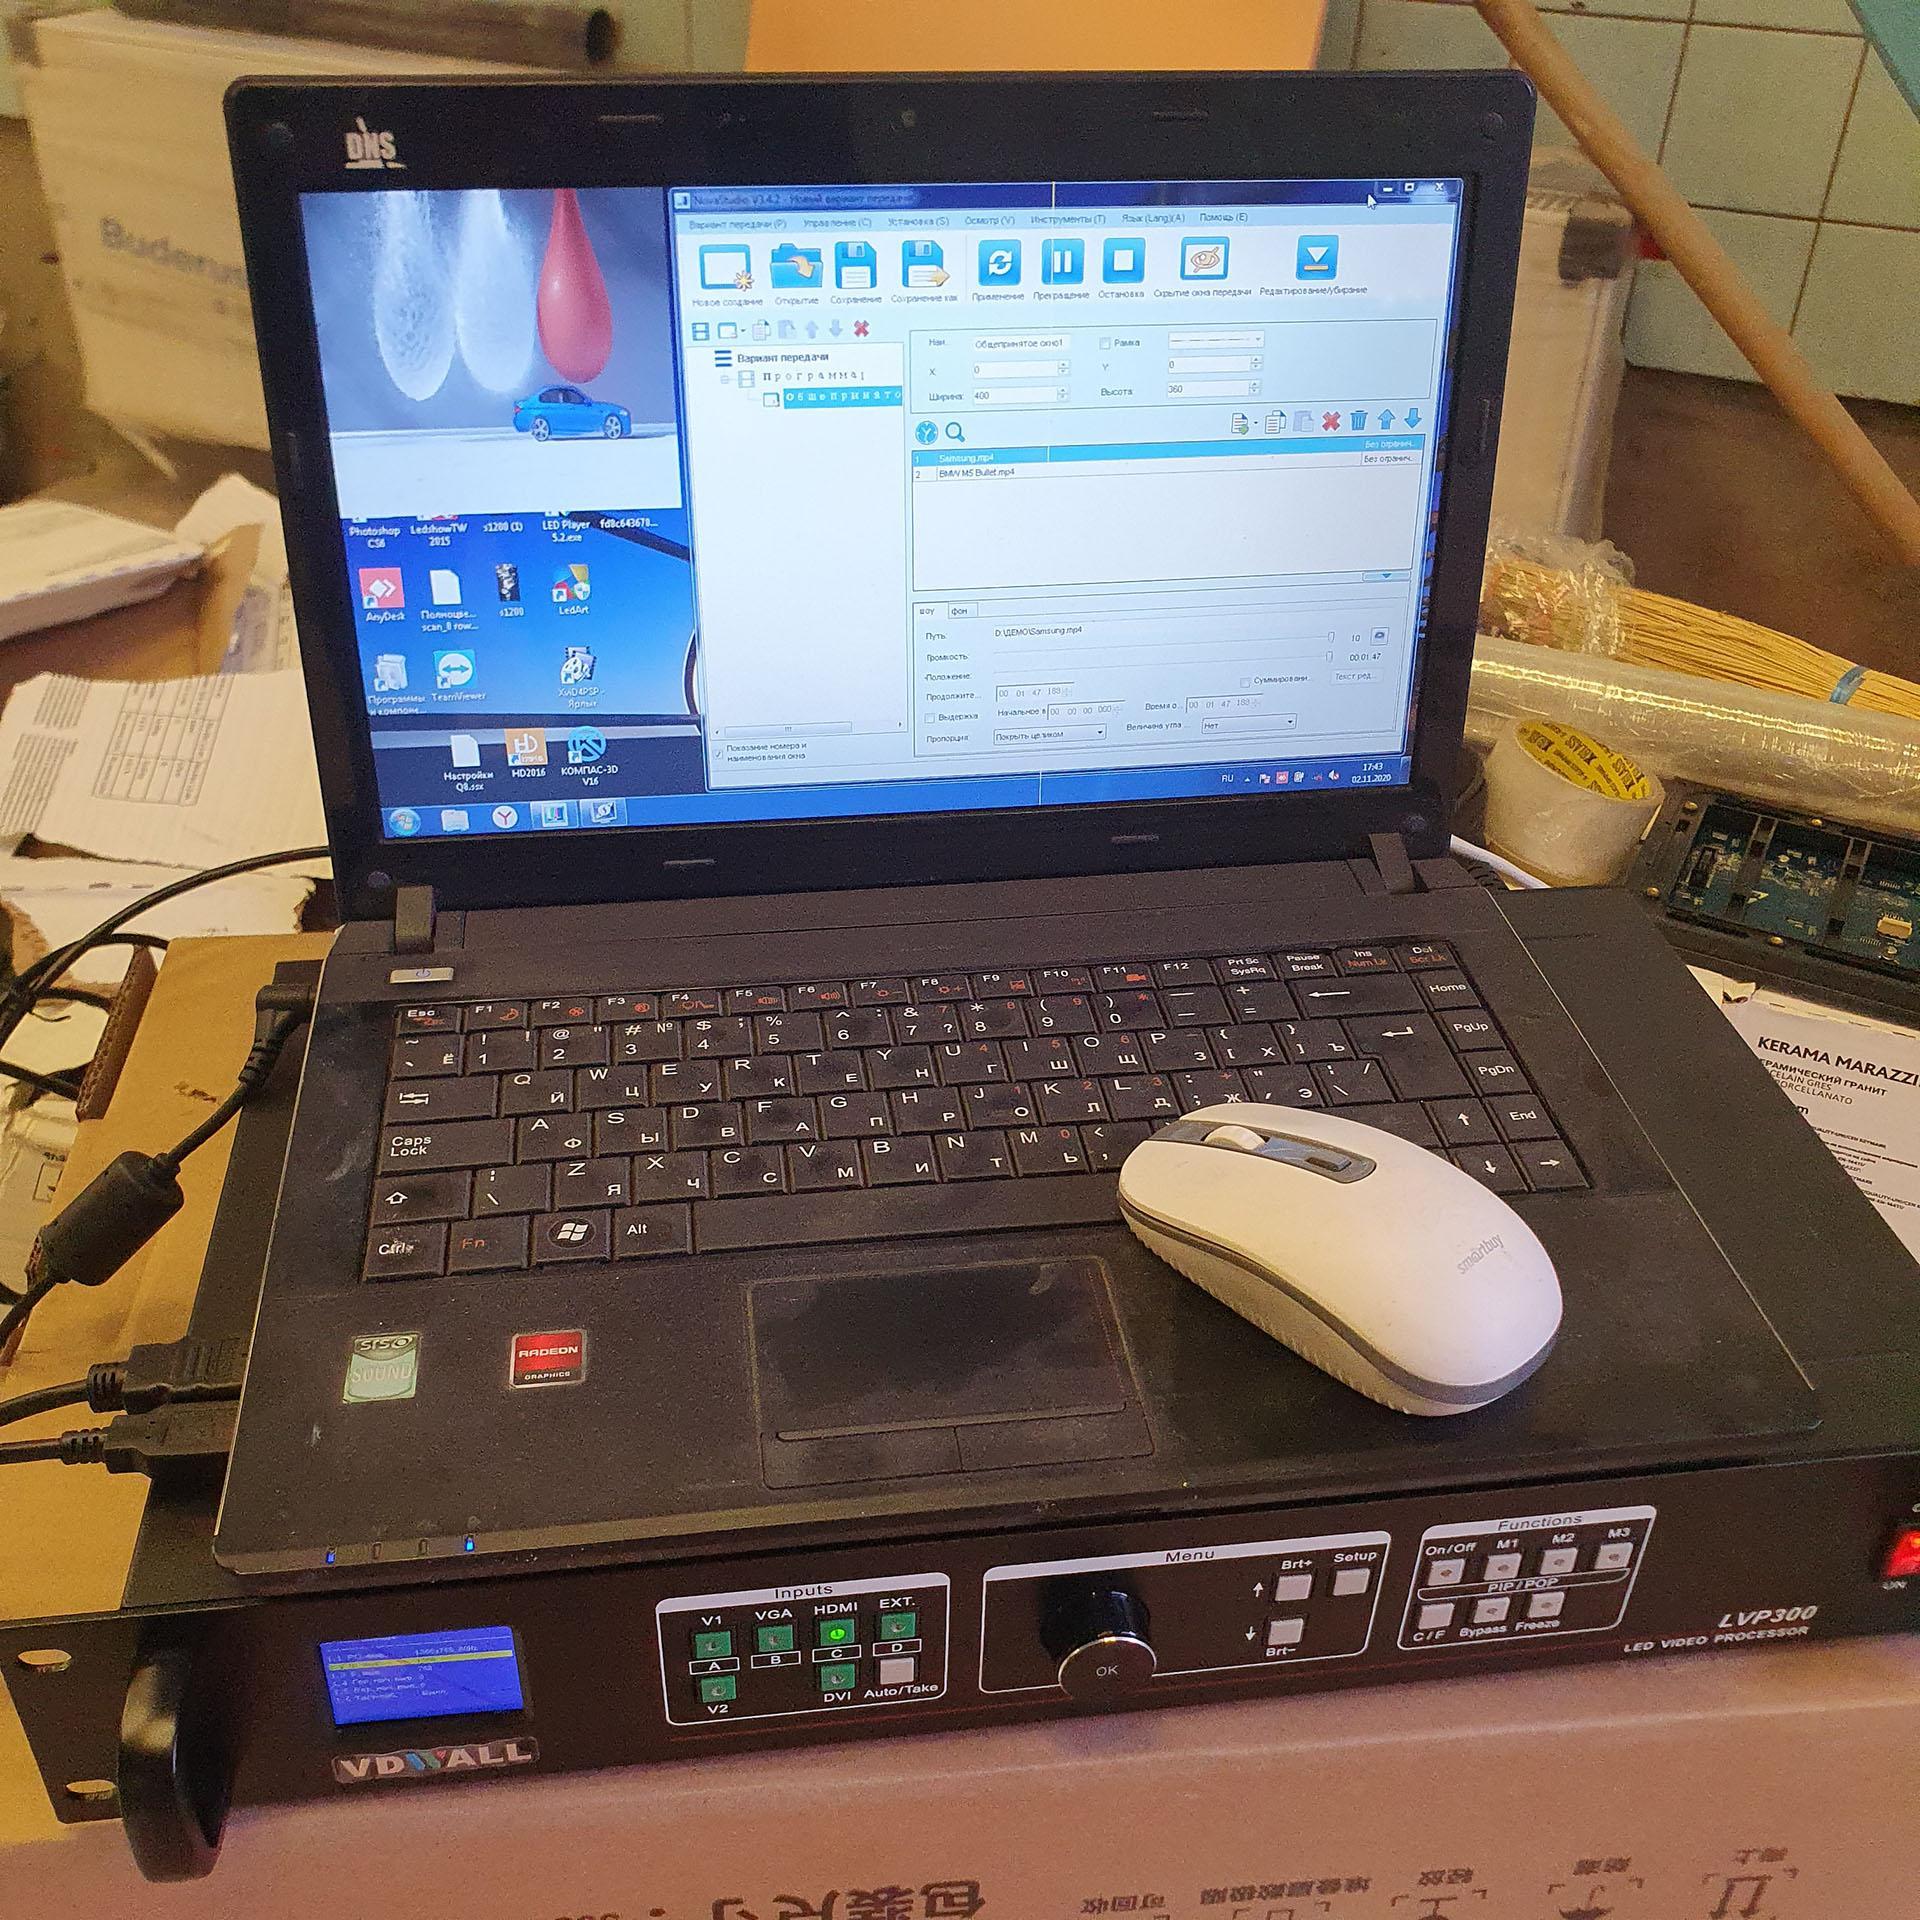 Процессор для масштабирования изображения